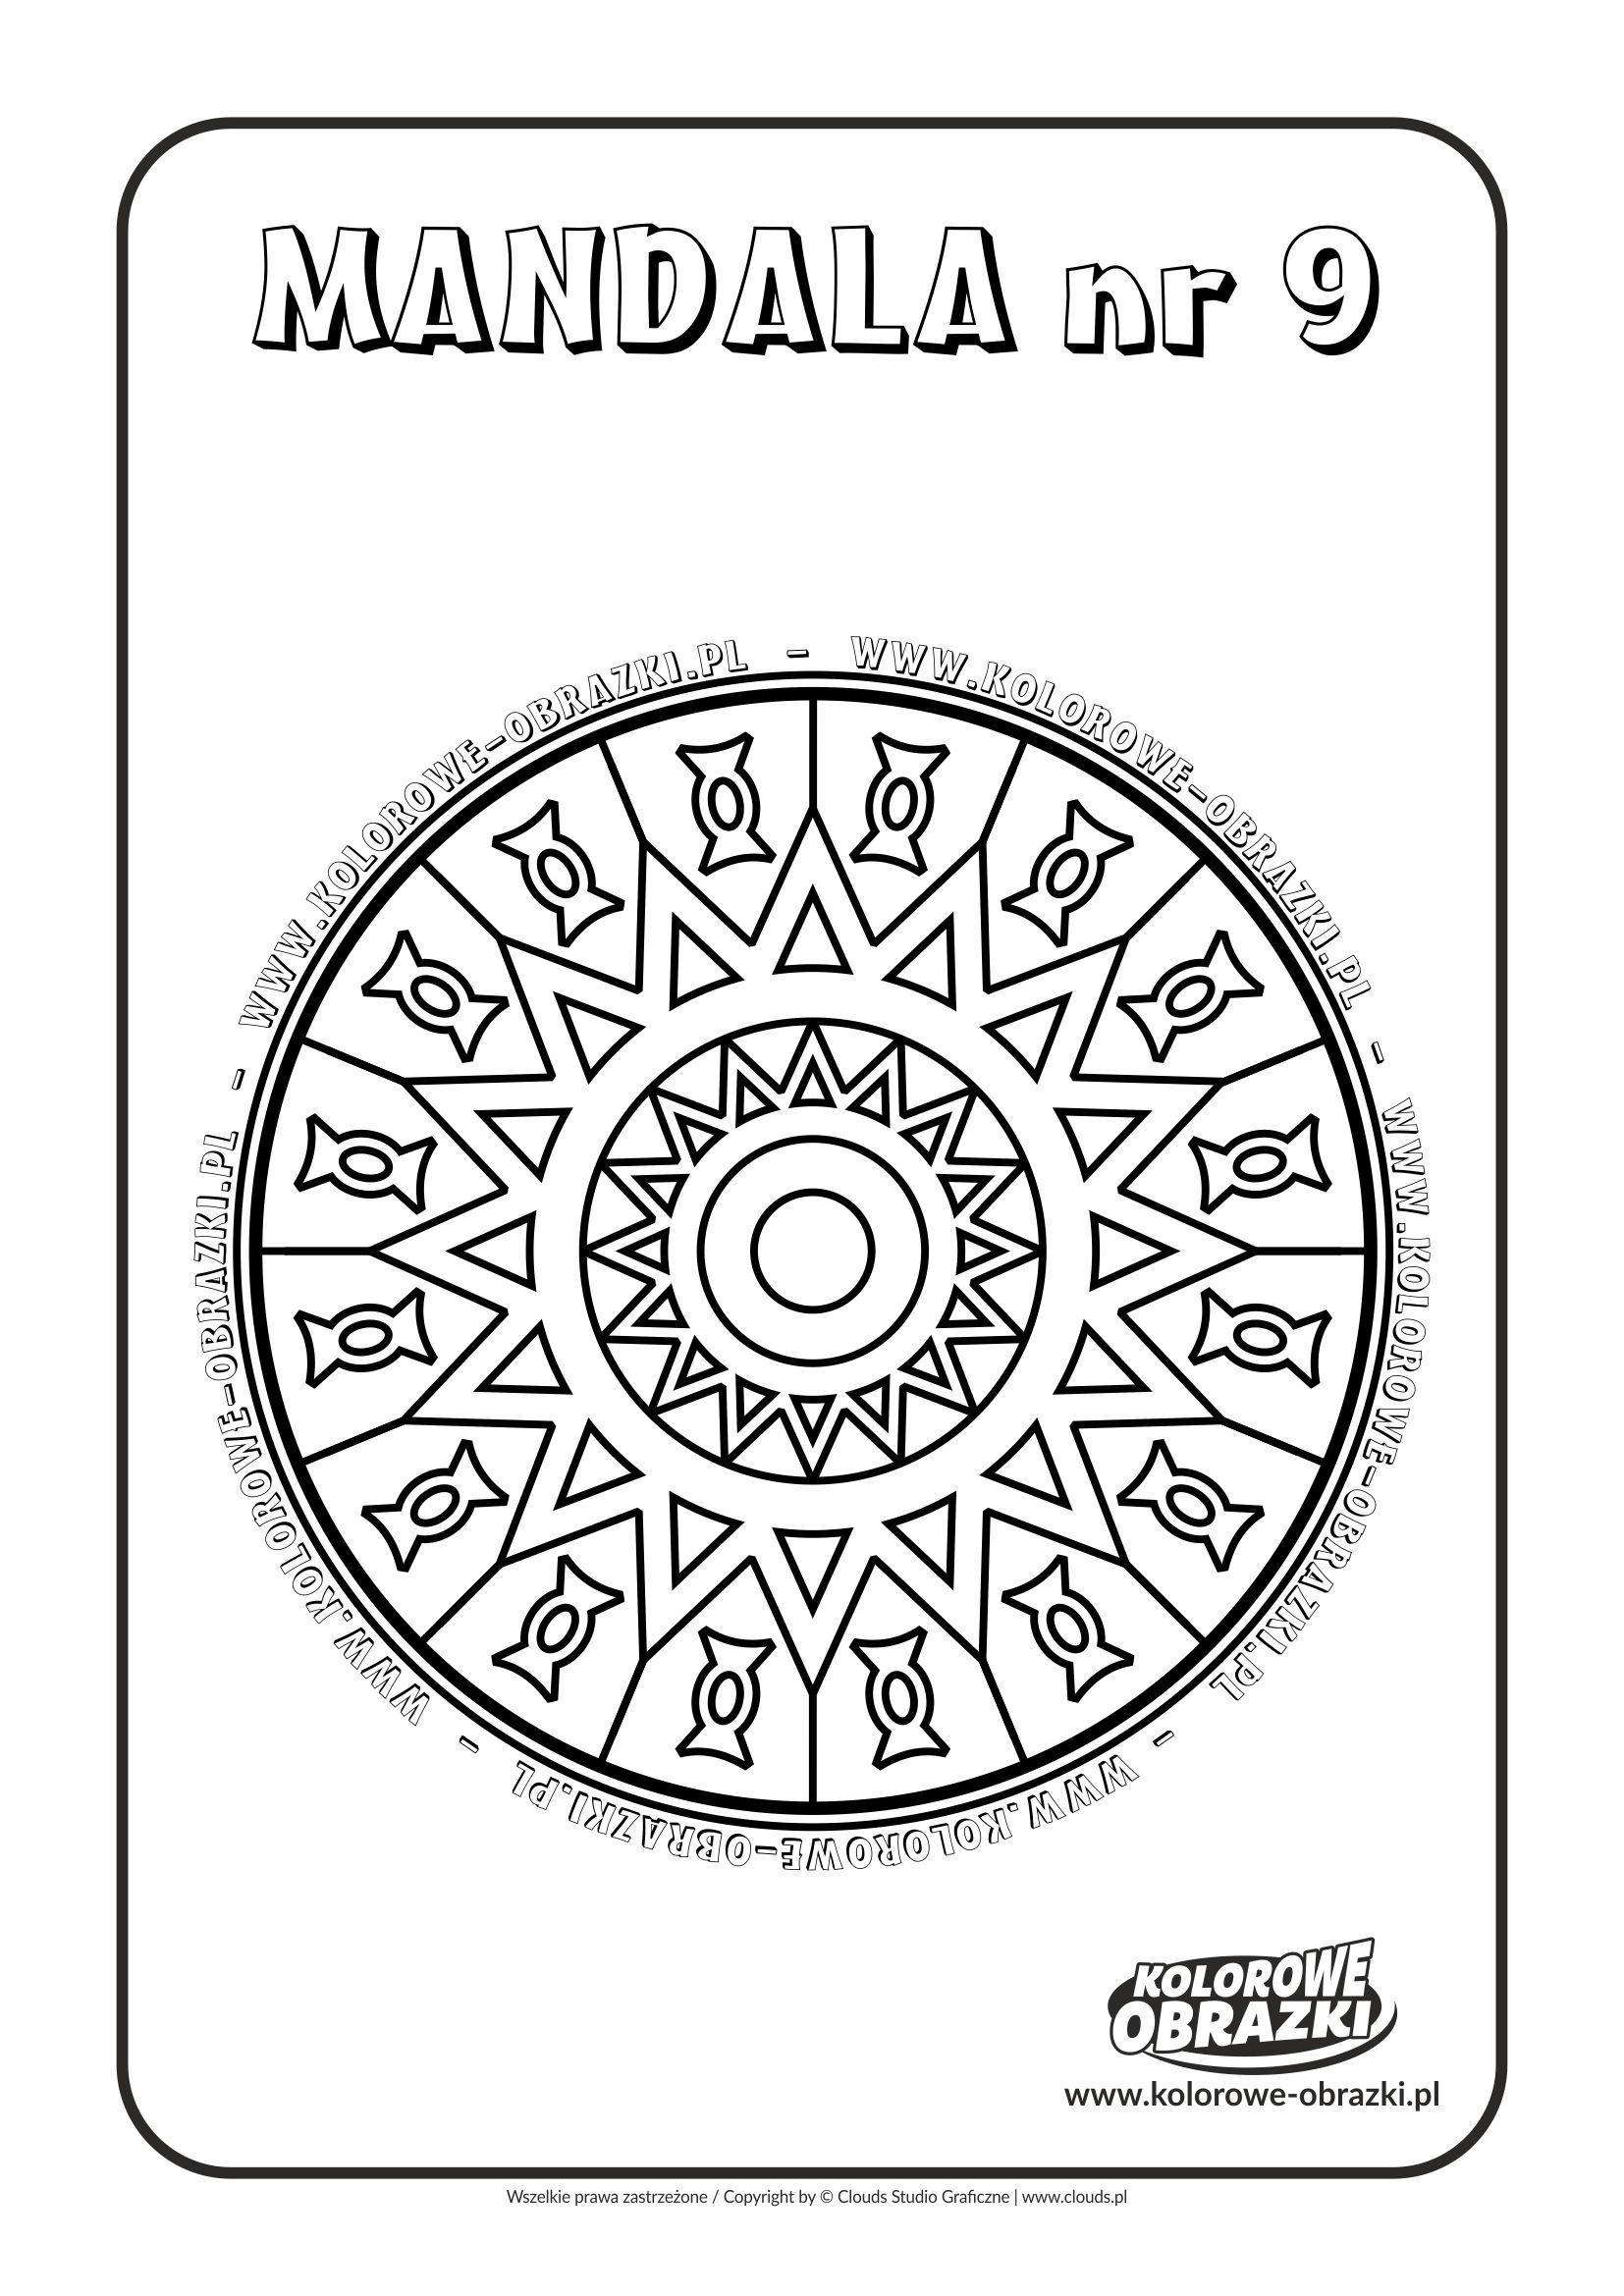 Kolorowanki dla dzieci - Mandale / Mandala nr 9. Kolorowanka z mandalą